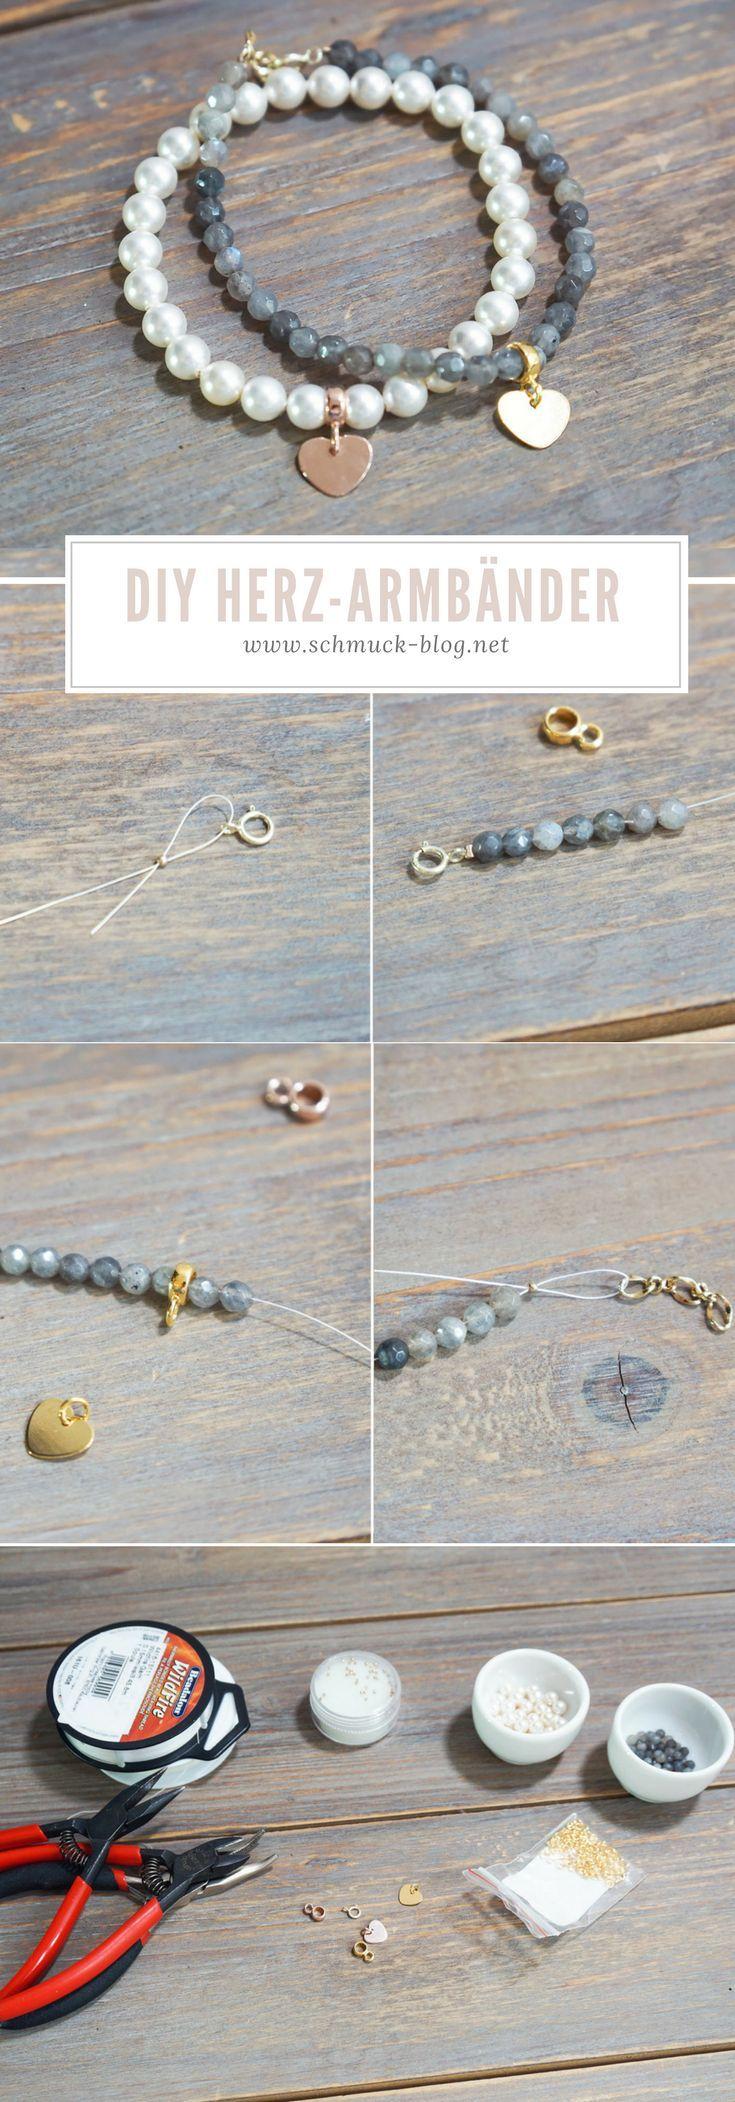 DIY romantische Herz-Armbänder